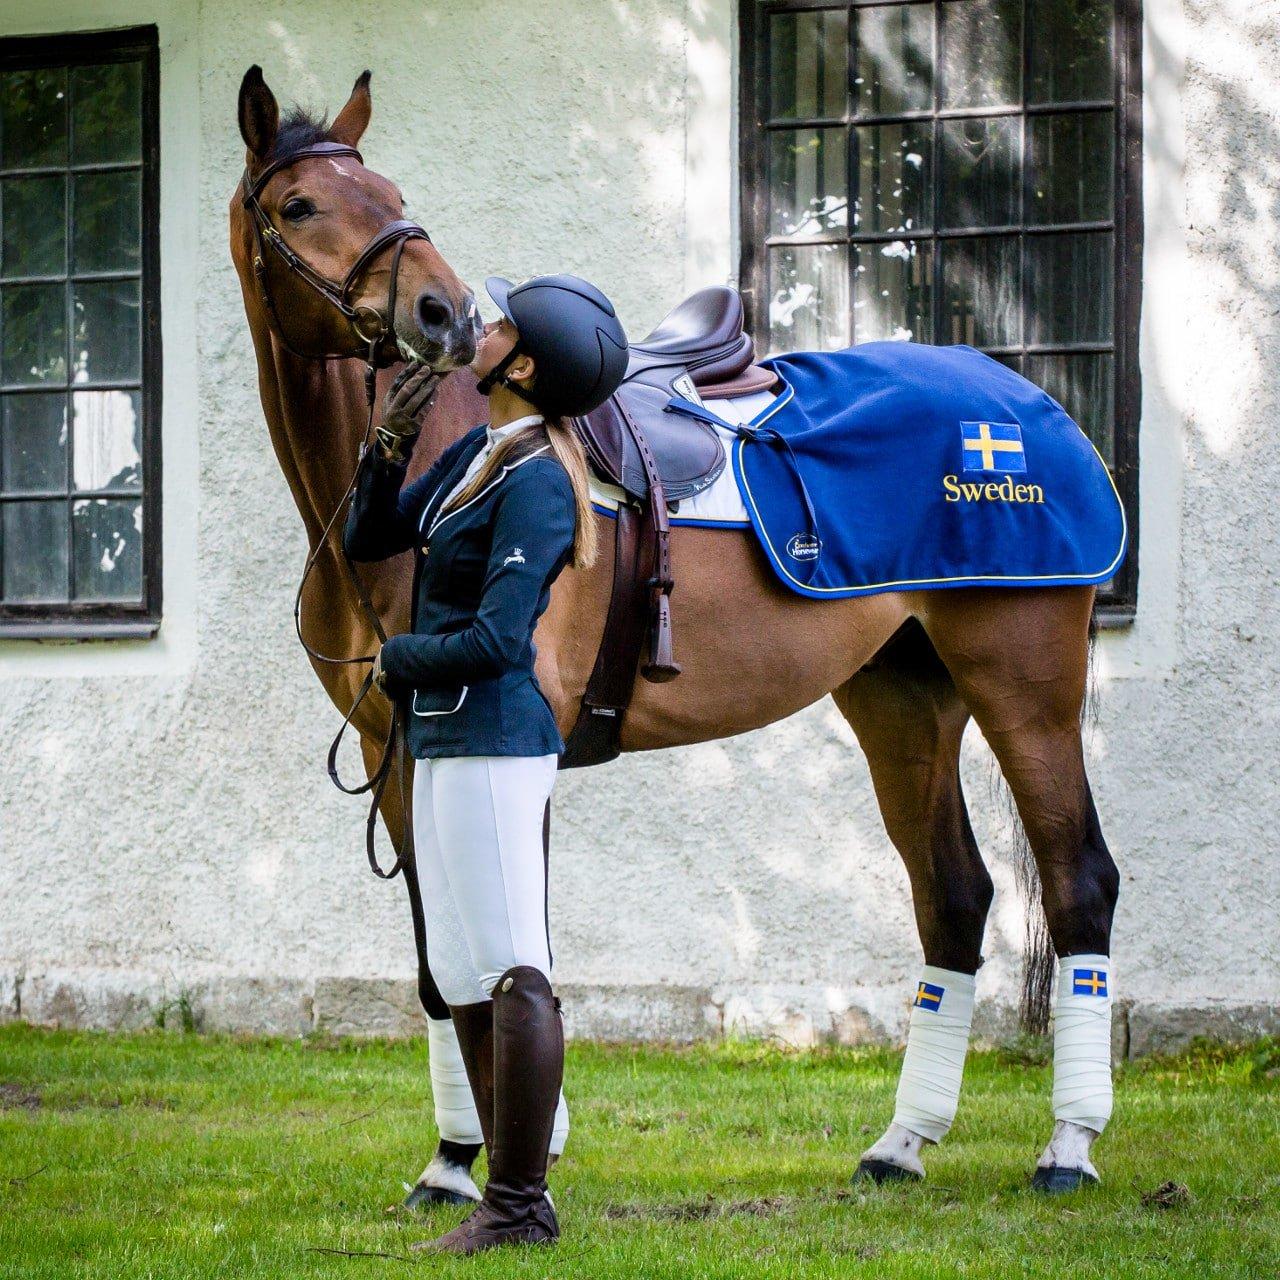 Exculsive Horseware på Björnöslott med ländtäcke Sweden